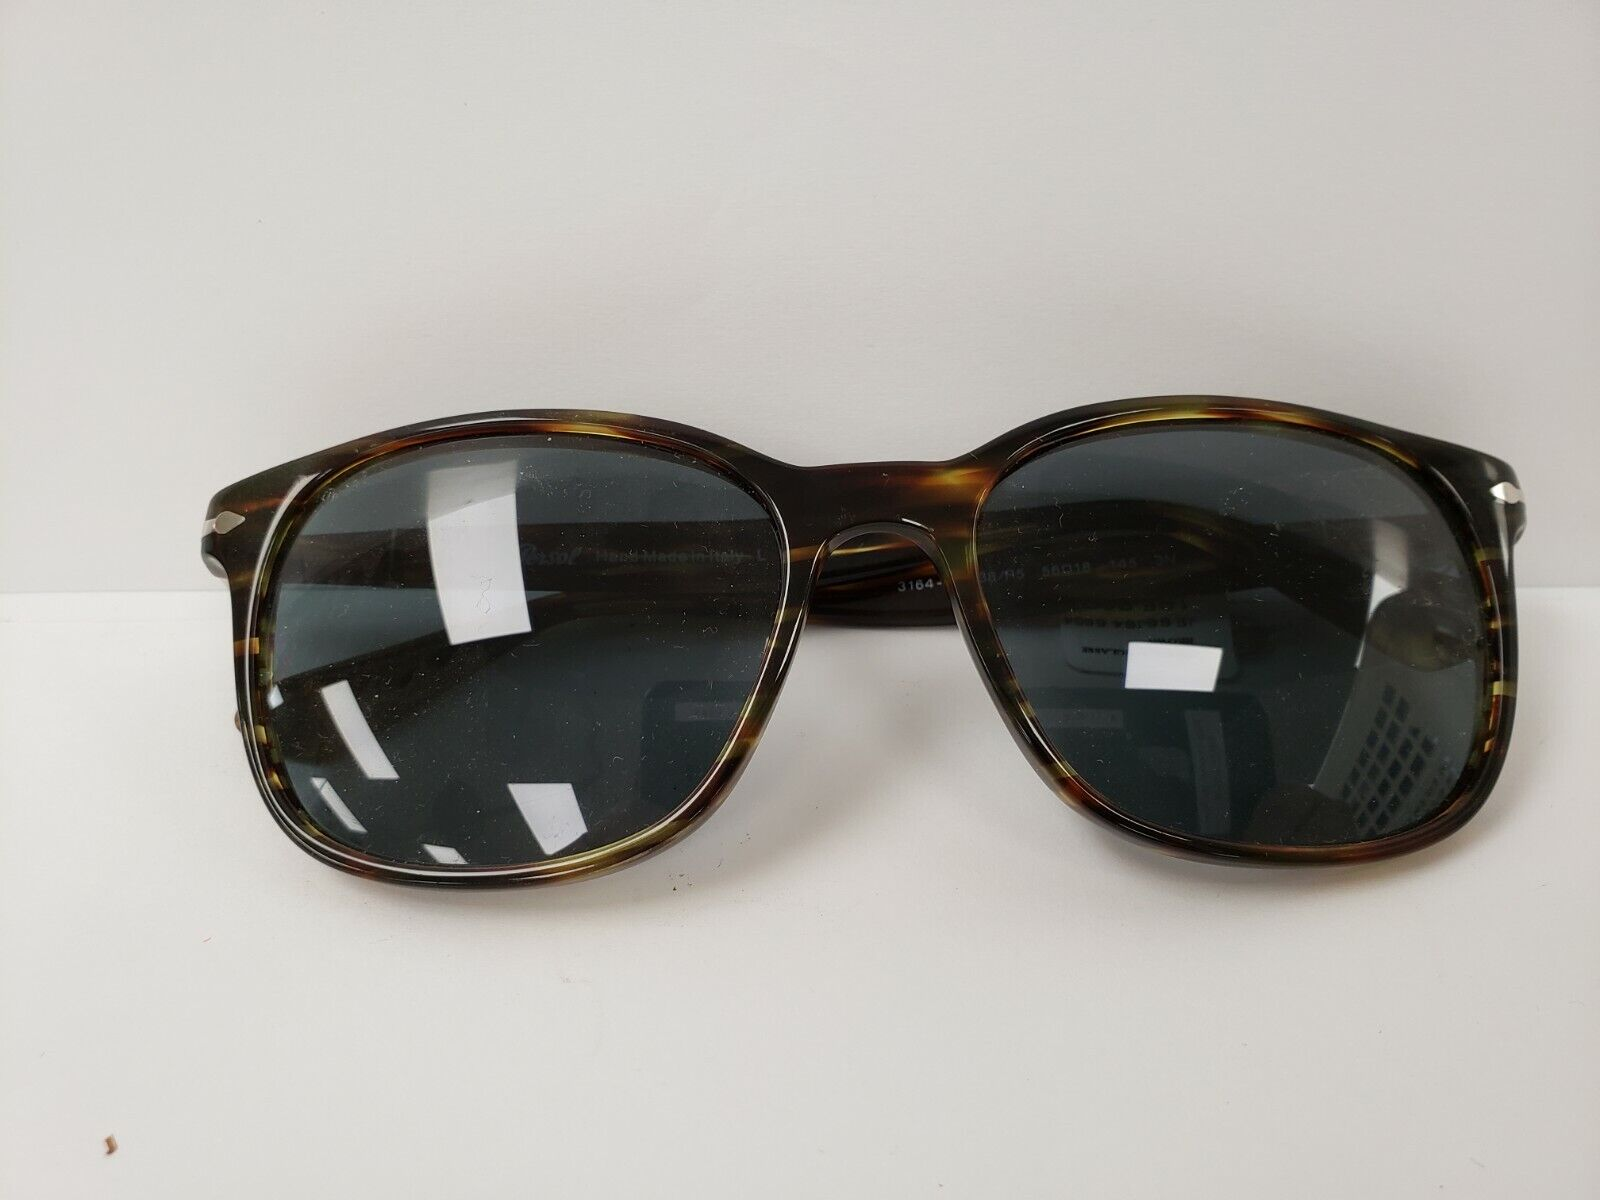 (I-5345) Persol Sunglasses- Brown